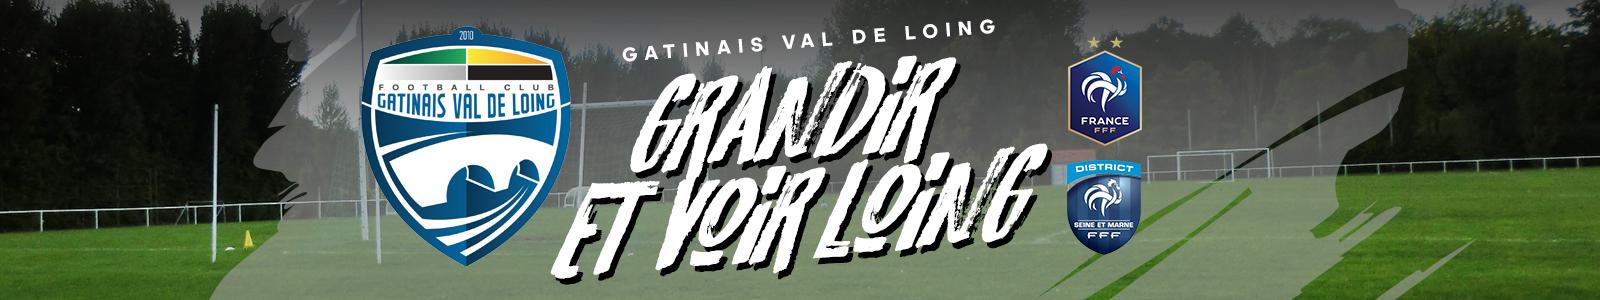 GATINAIS VAL DE LOING FC : site officiel du club de foot de Souppes-sur-Loing - footeo